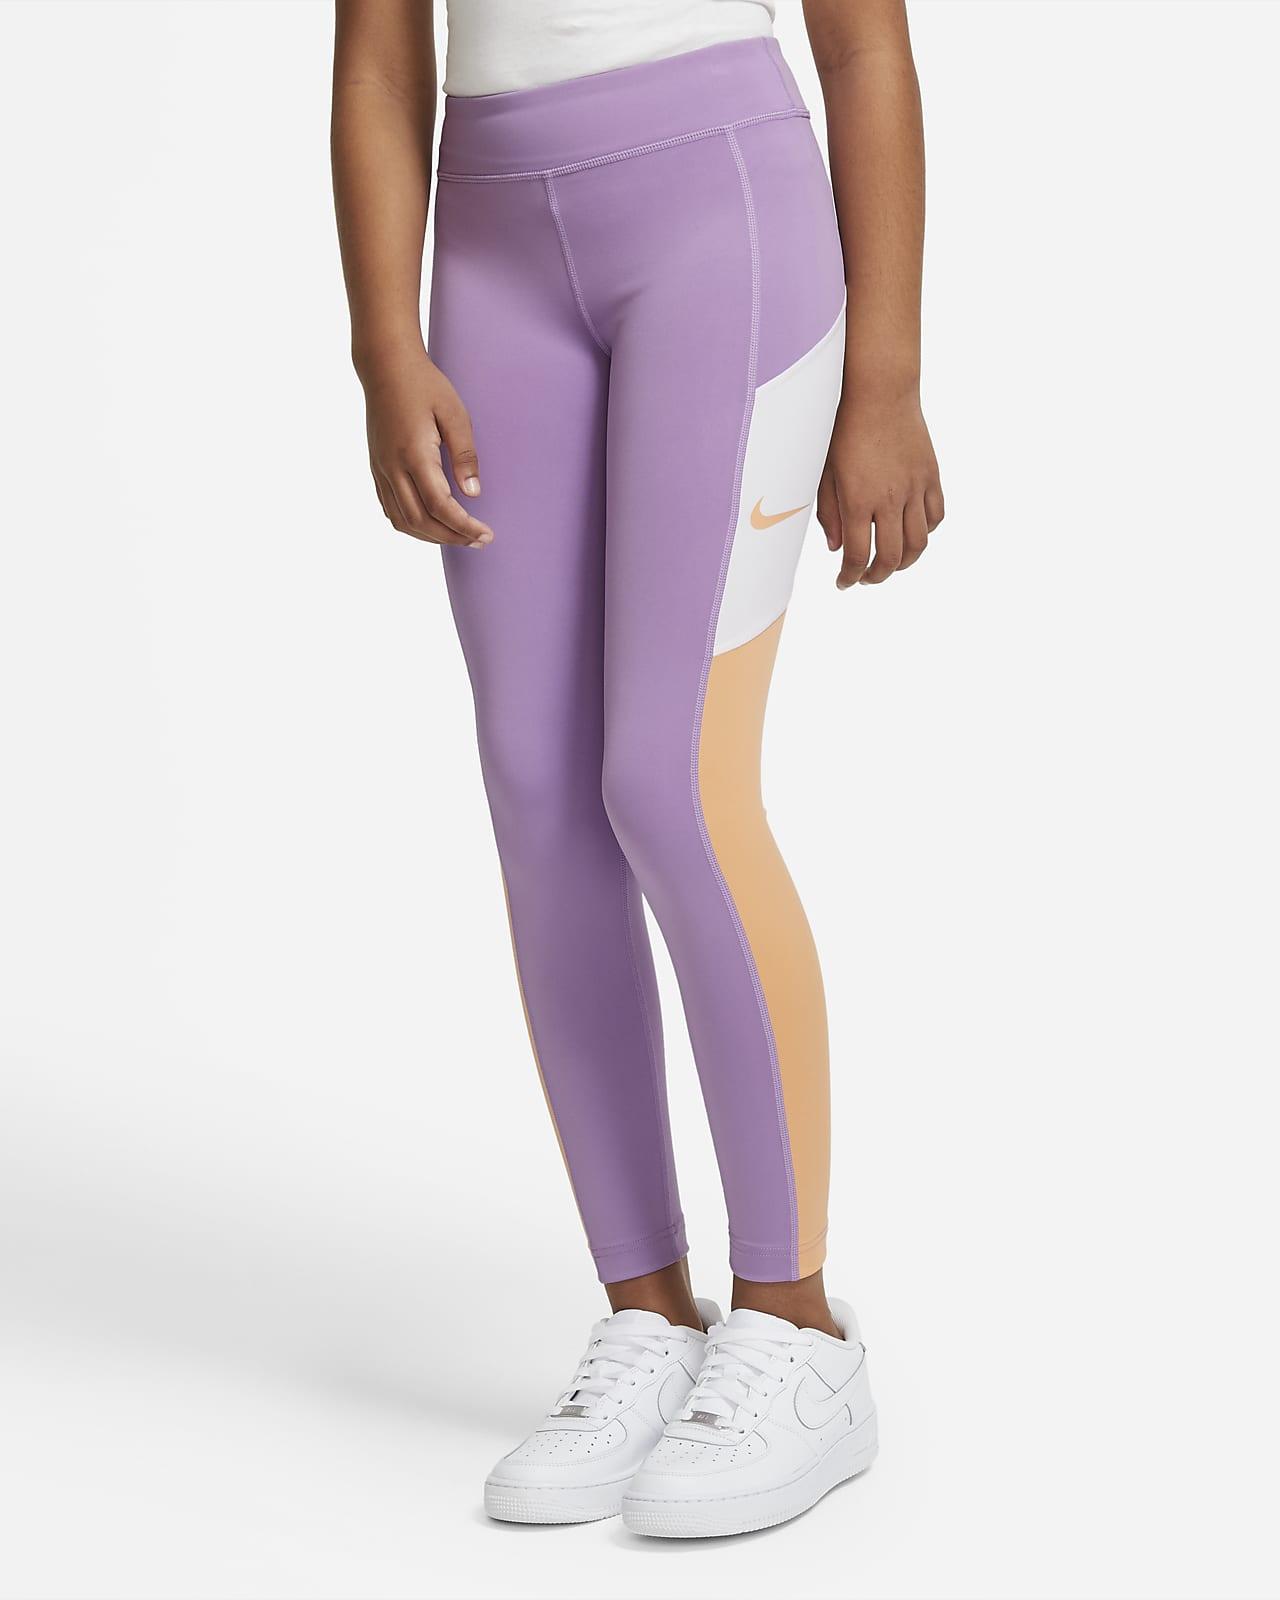 propiedad Ligeramente Invalidez  Leggings Nike color morado Mallas para chicas talla 3 años Ropa  theaccountant.org.mt